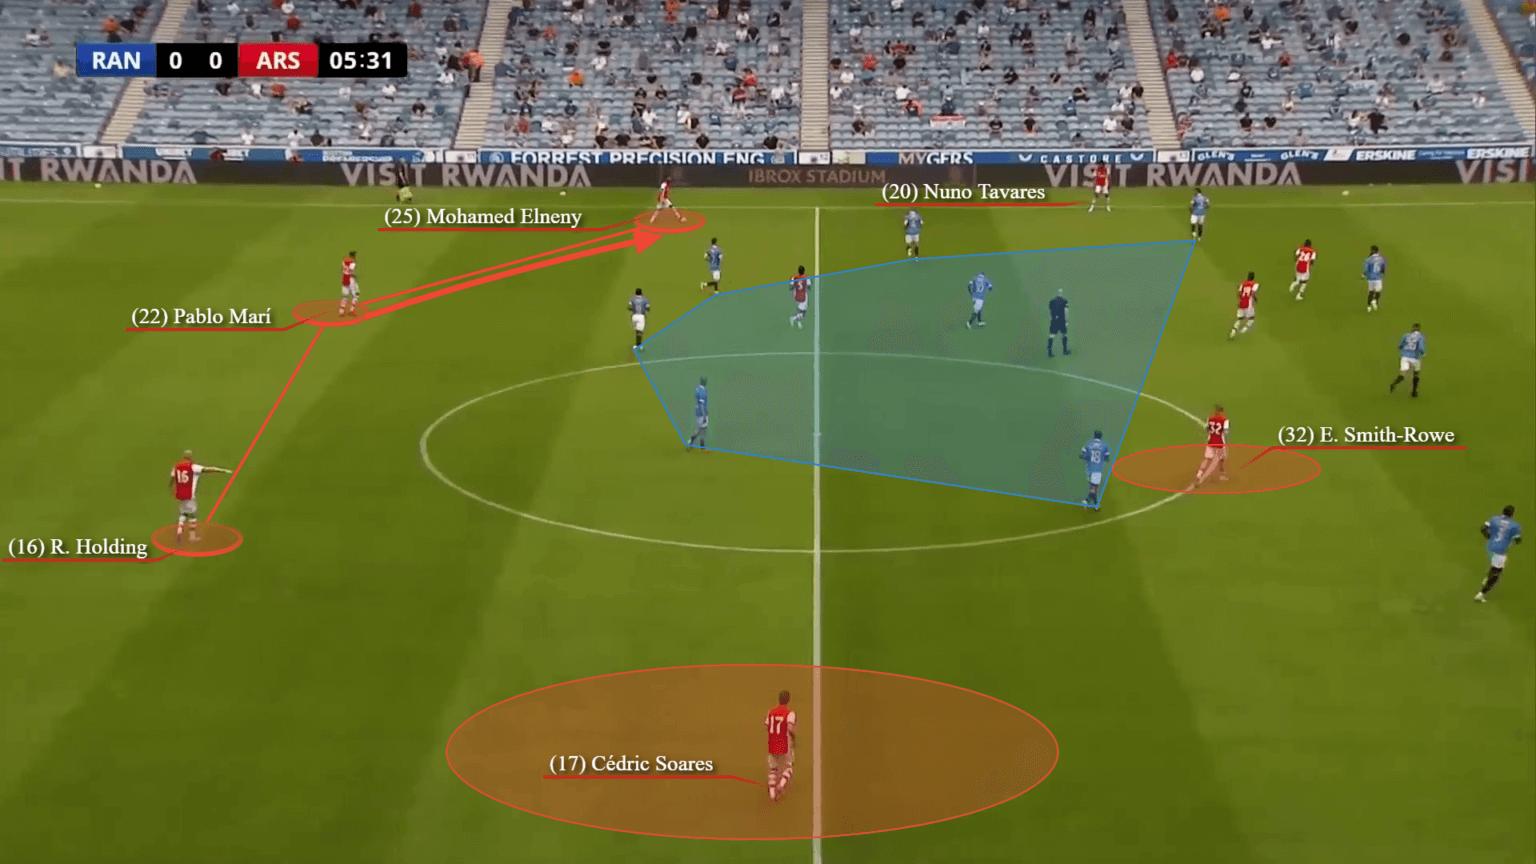 Khi Xhaka không có mặt, vị trí của anh sẽ do Elneny đảm trách như trong trận gặp Rangers